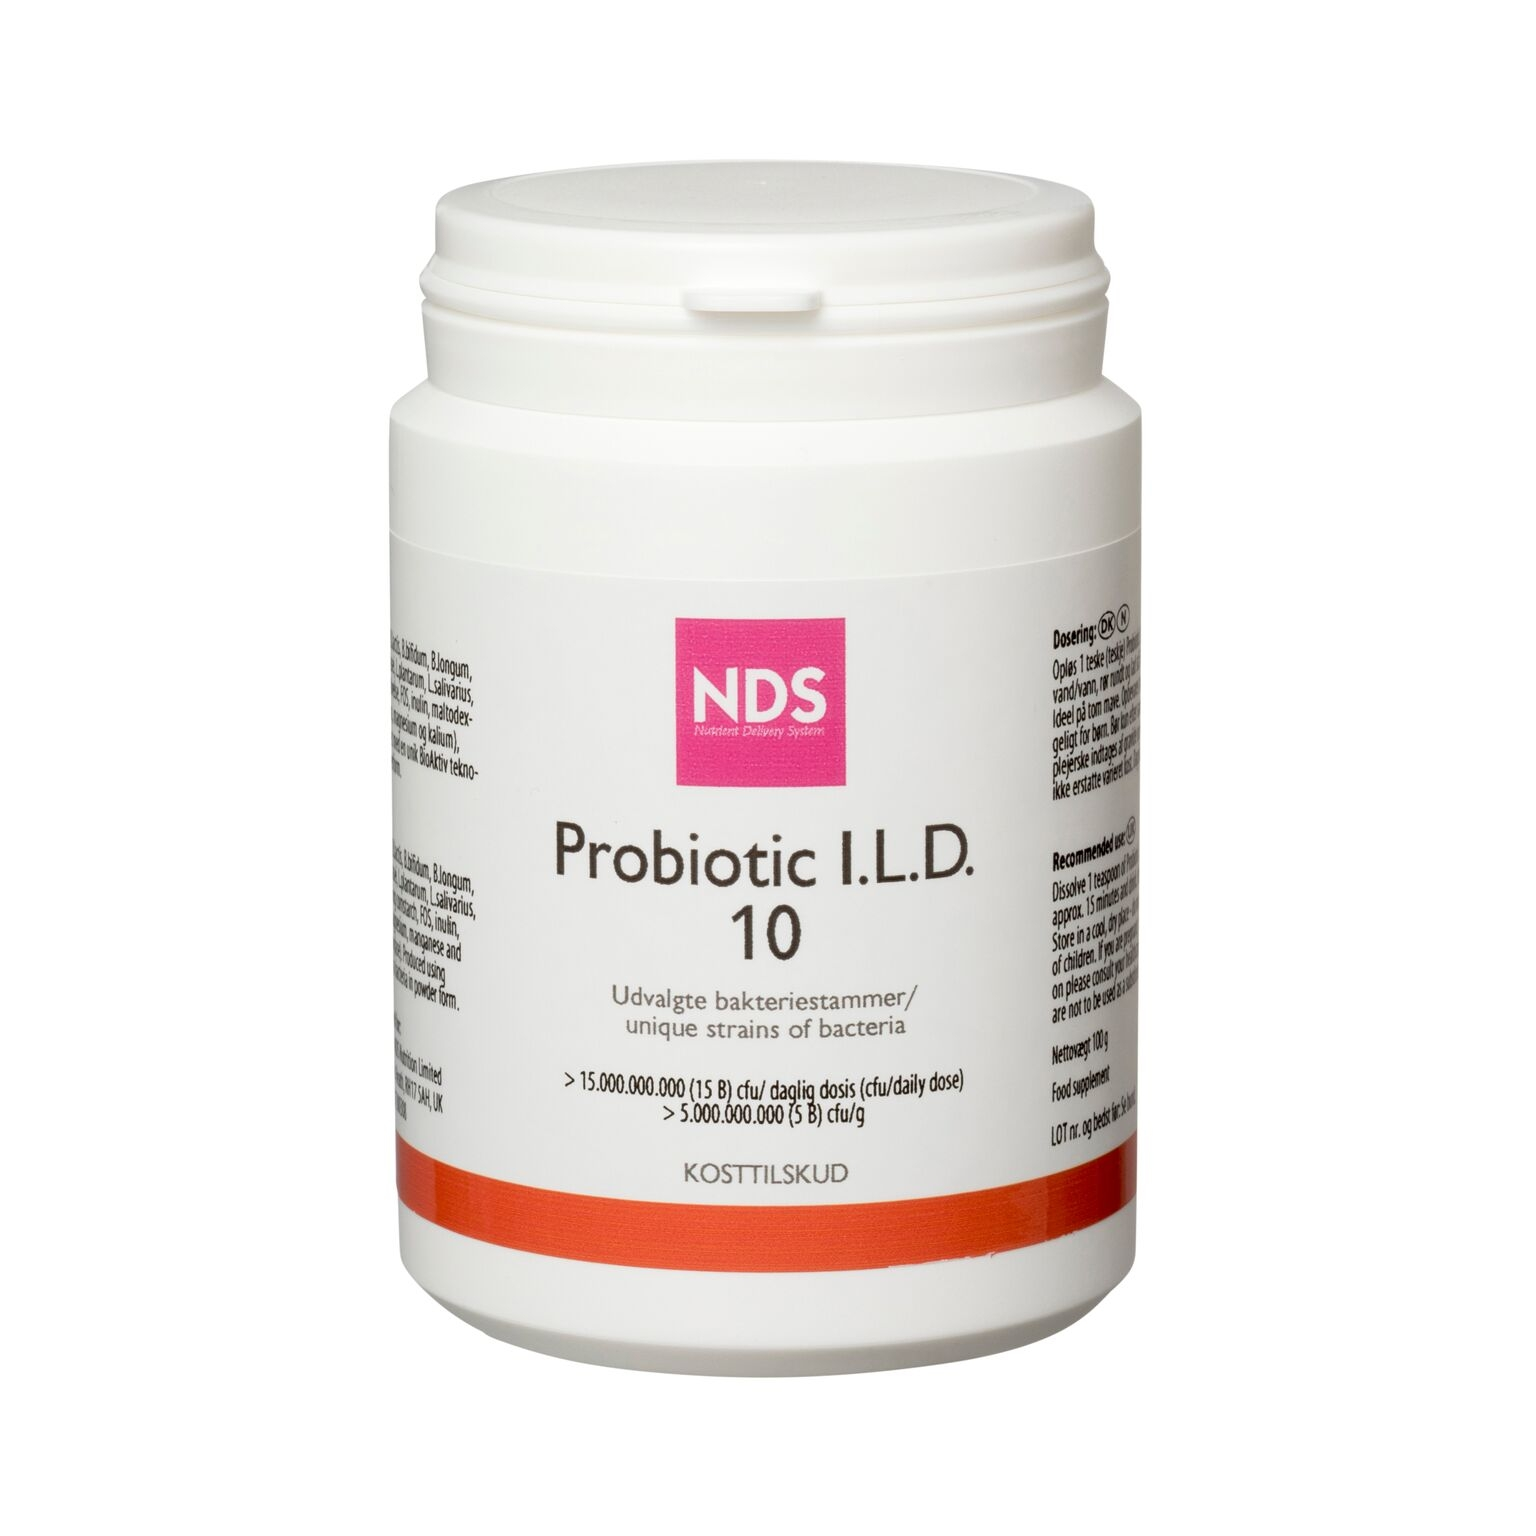 NDS Probiotic I.L.D. (200 g)